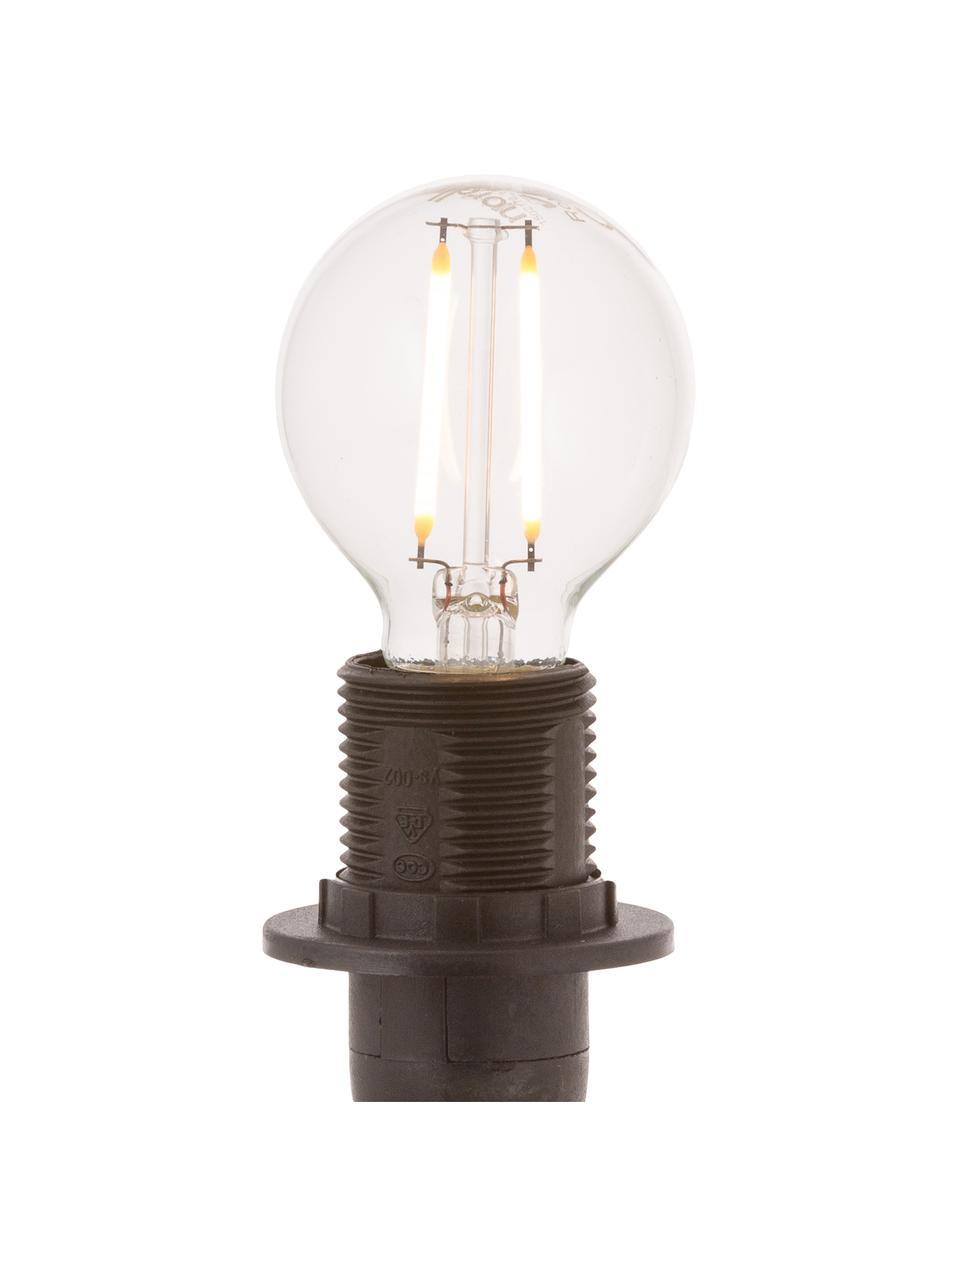 E14 Leuchtmittel, 2.5W, warmweiß, 1 Stück, Leuchtmittelschirm: Glas, Leuchtmittelfassung: Aluminium, Transparent, Ø 5 x H 8 cm